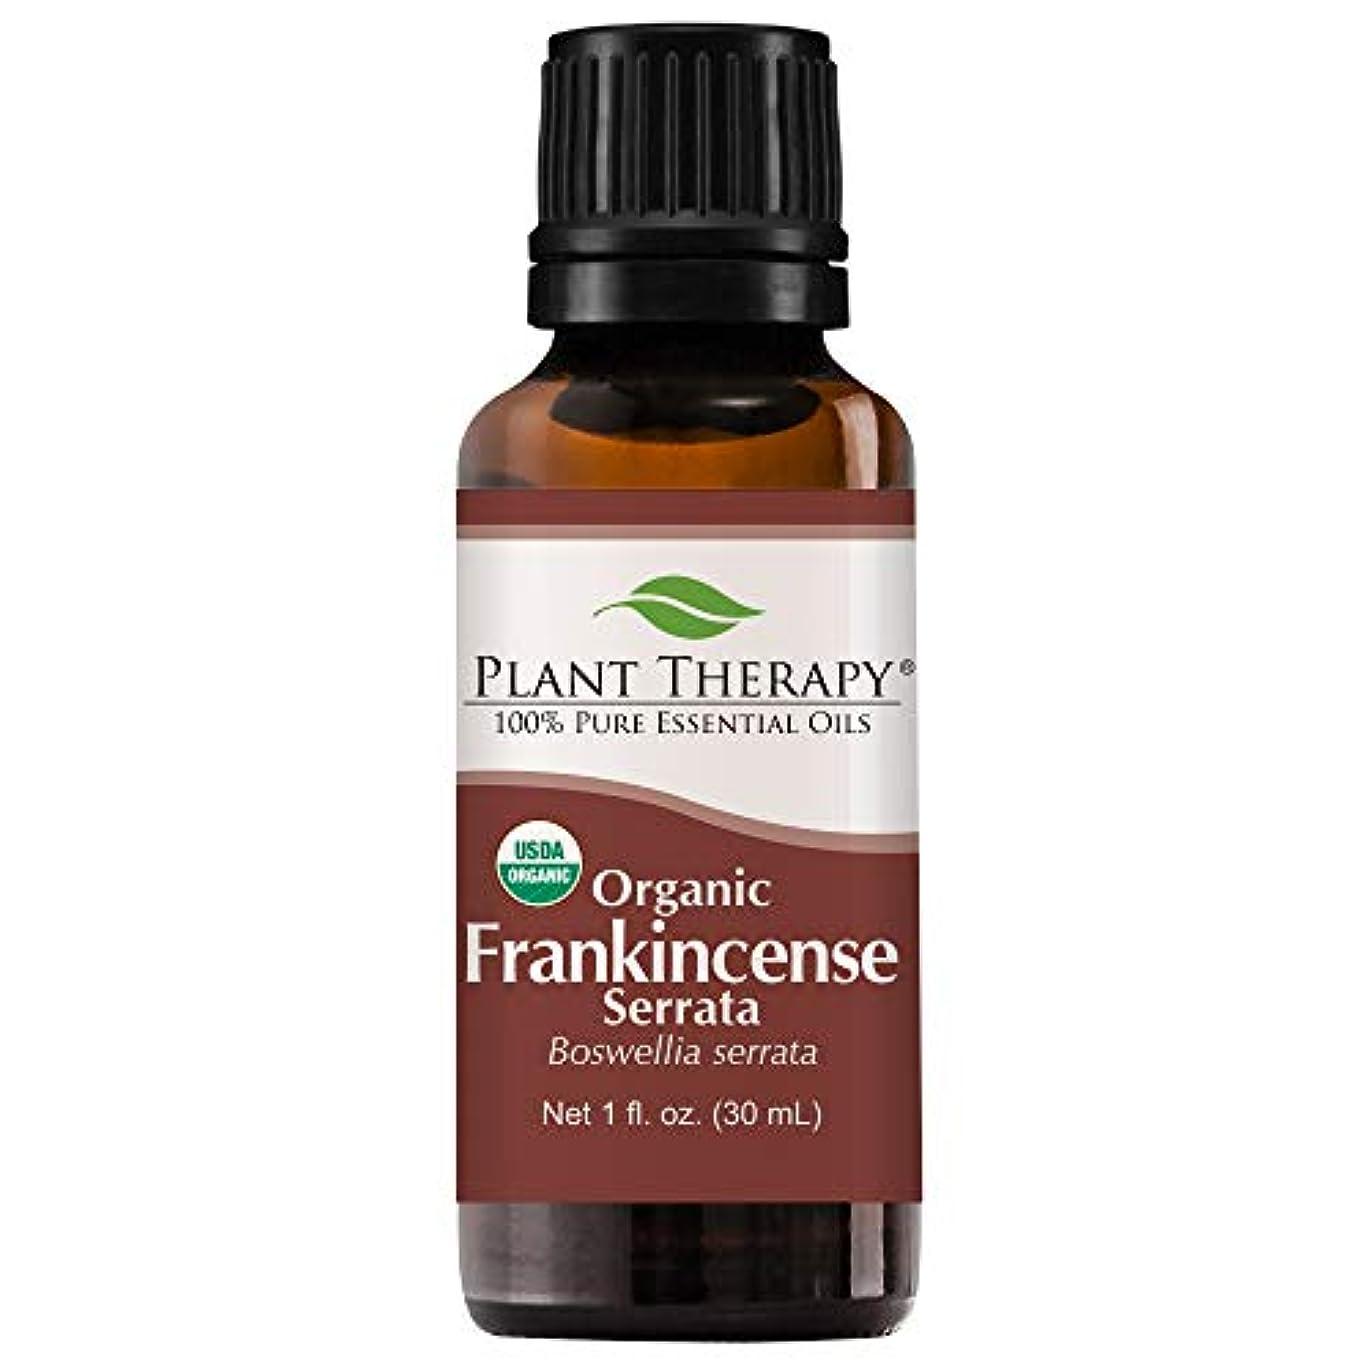 衝撃パイプライン聖職者植物セラピーUSDA認定オーガニックフランキンセンスコナラエッセンシャルオイル。 30ミリリットル(1オンス)100%純粋な、希釈していない、治療グレード。